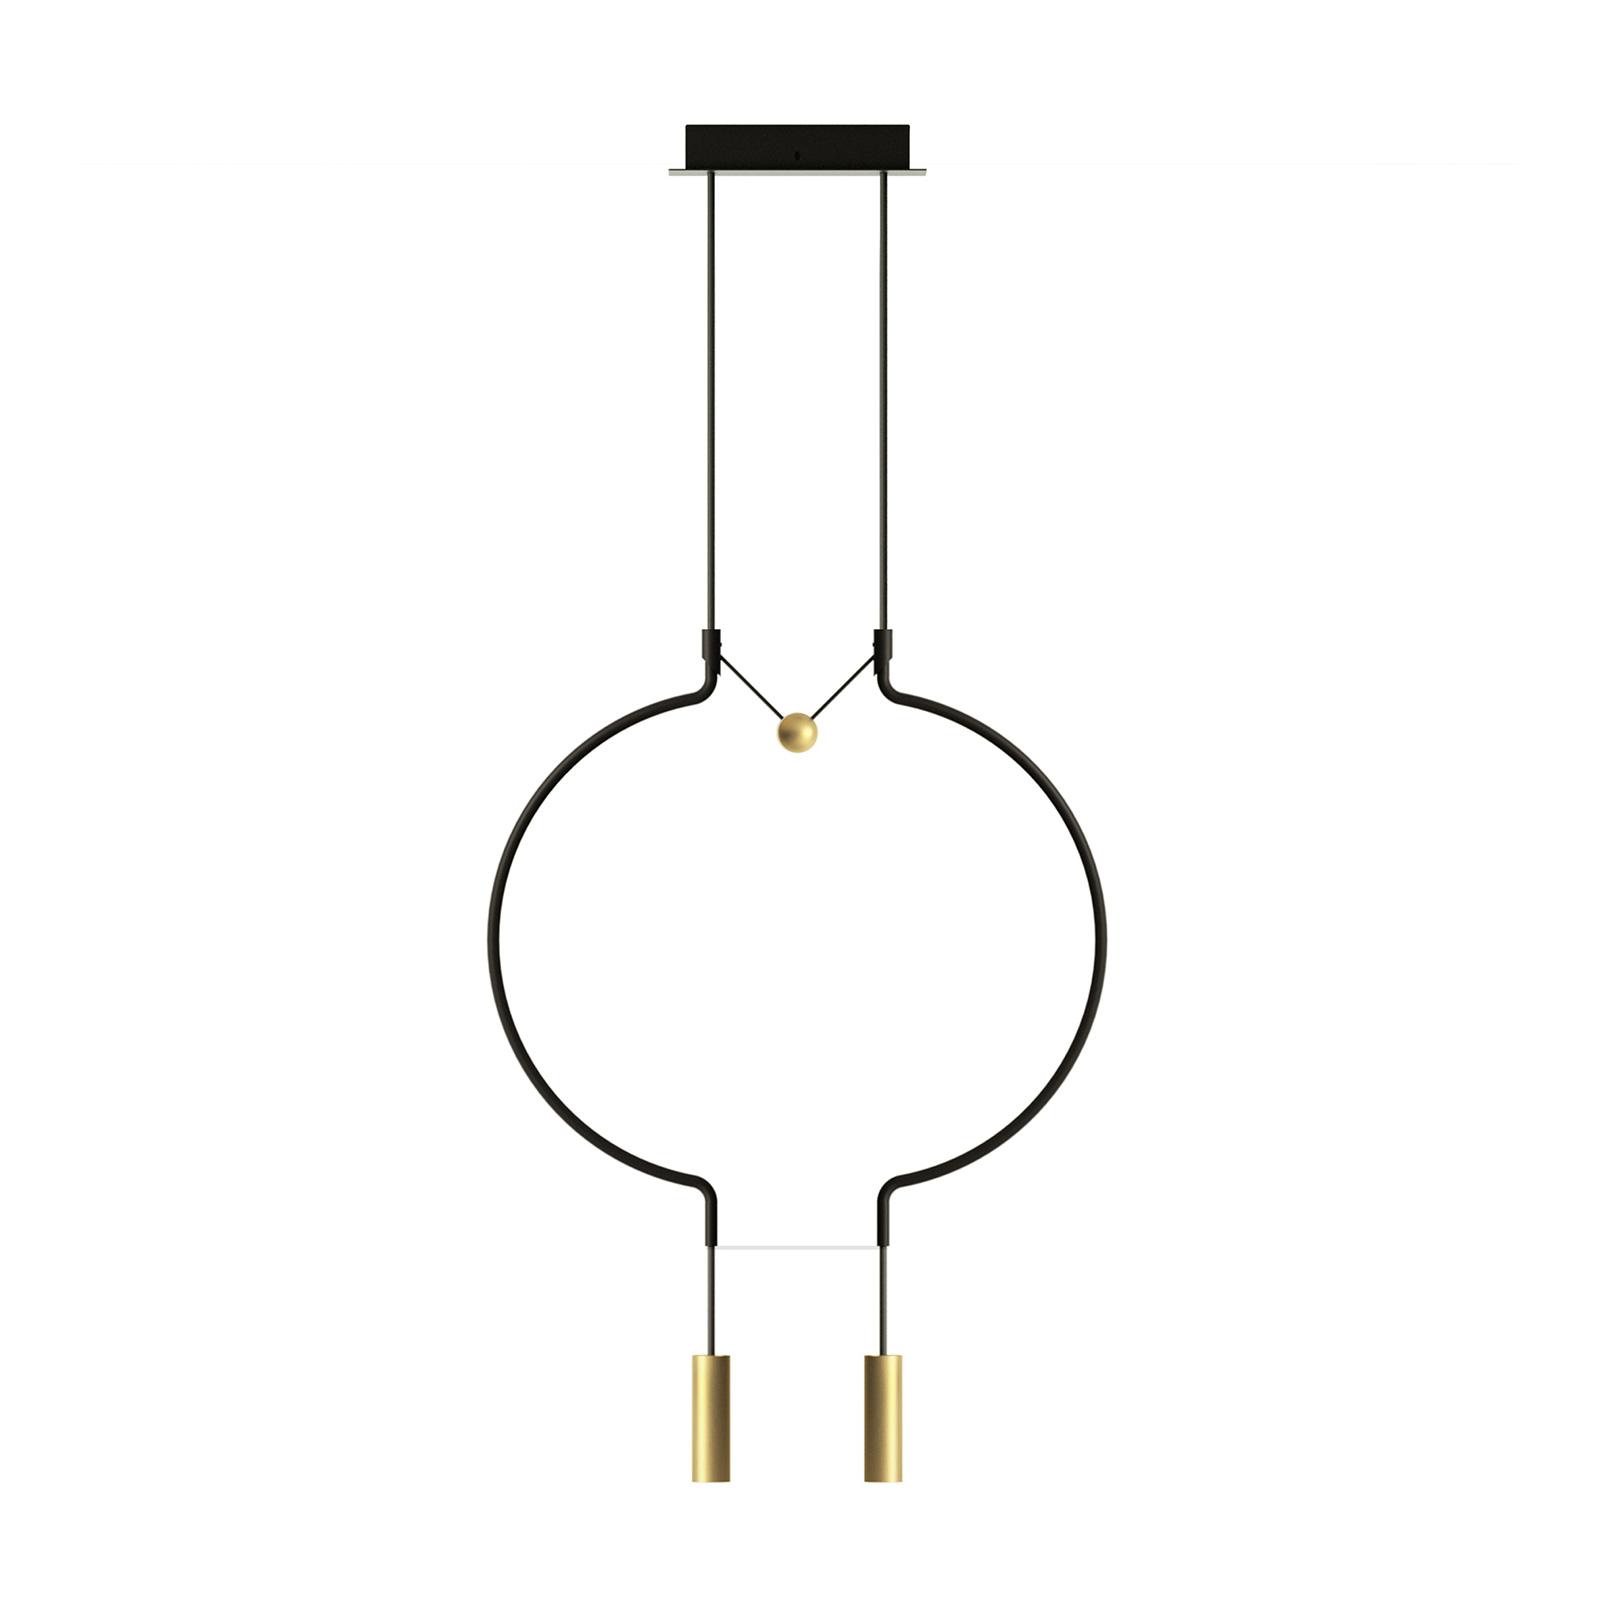 Axolight Liaison P2 hanglamp zwart/goud 56cm